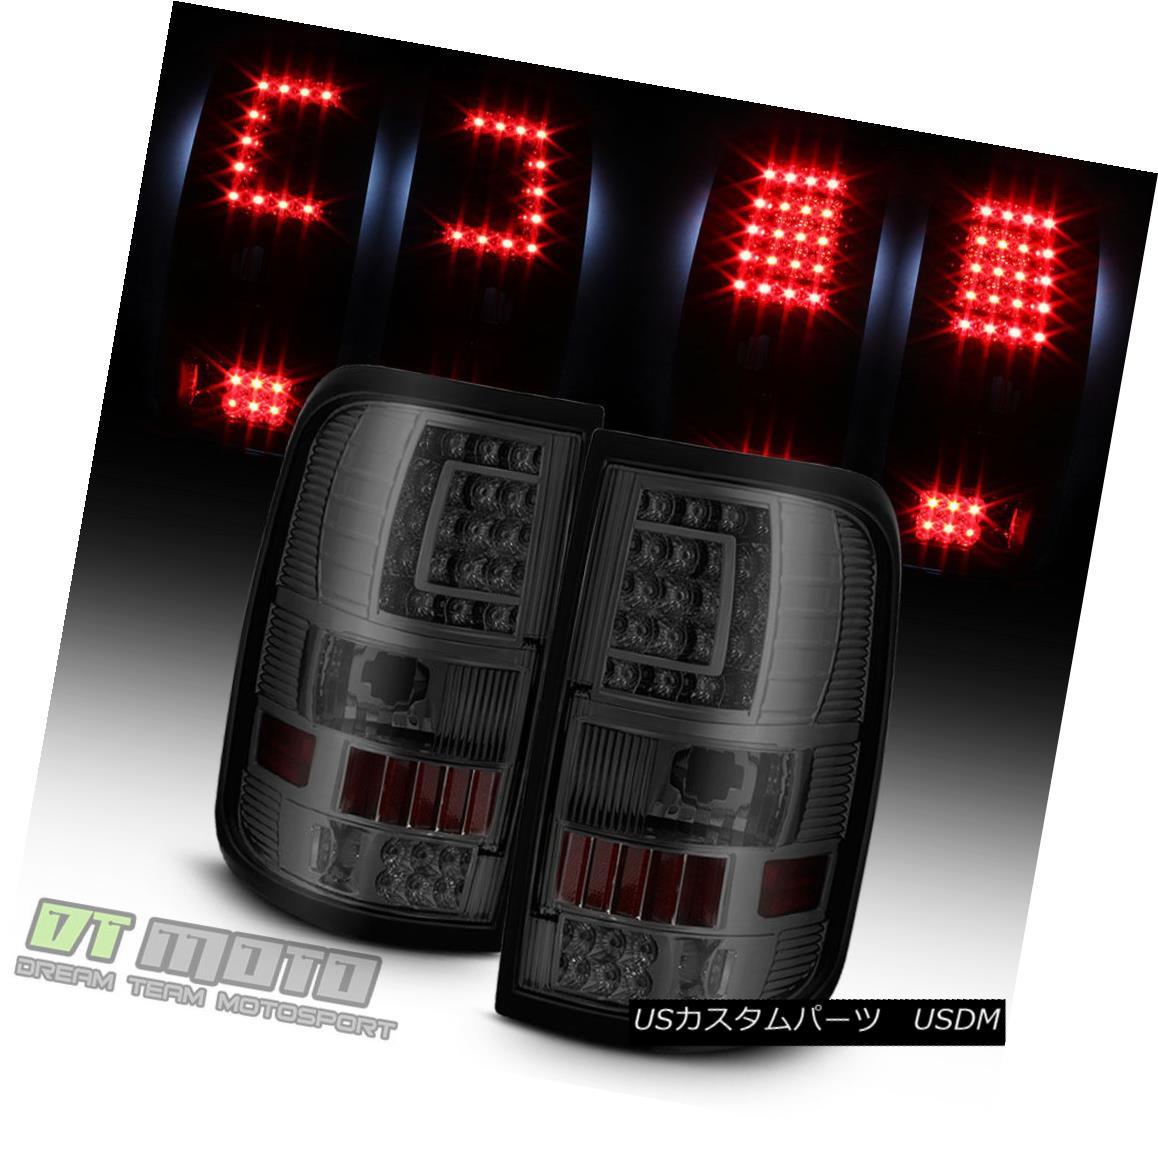 テールライト 2004-2008 Smoked 2004-2008 Ford Lamps F150 F150 [C-Shape] LED Tail Brake Lights Brake Lamps Left+Right スモーク2004-2008フォードF150 F150 [C形] LEDテールライトブレーキランプ左+右, ワールドクラブ 1989:5592d494 --- officewill.xsrv.jp